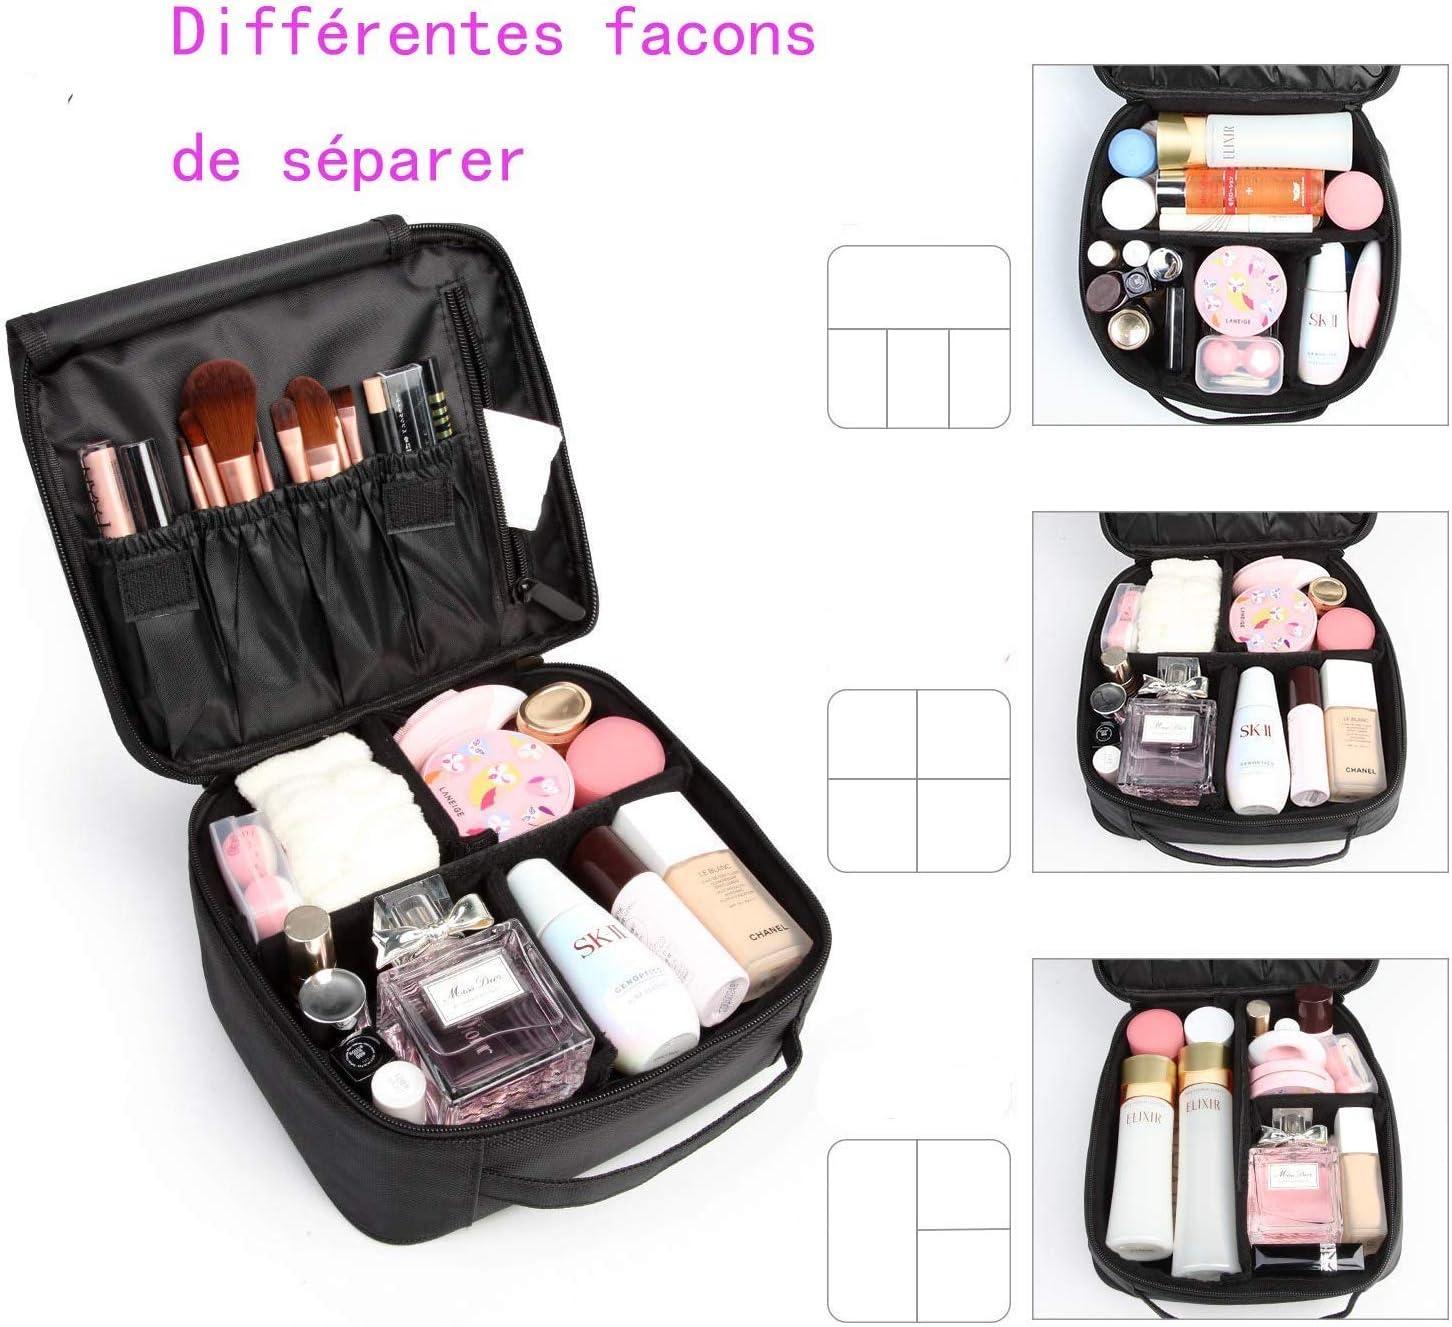 Neceseres de Maquillaje, Pulchram Bolsa de maquillaje para viaje impermeable Organizador de maquillaje con divisiones extraíbles Bolsas de aseo de cosmética Bolsas para mujer &Hombre (Negro 1): Amazon.es: Belleza